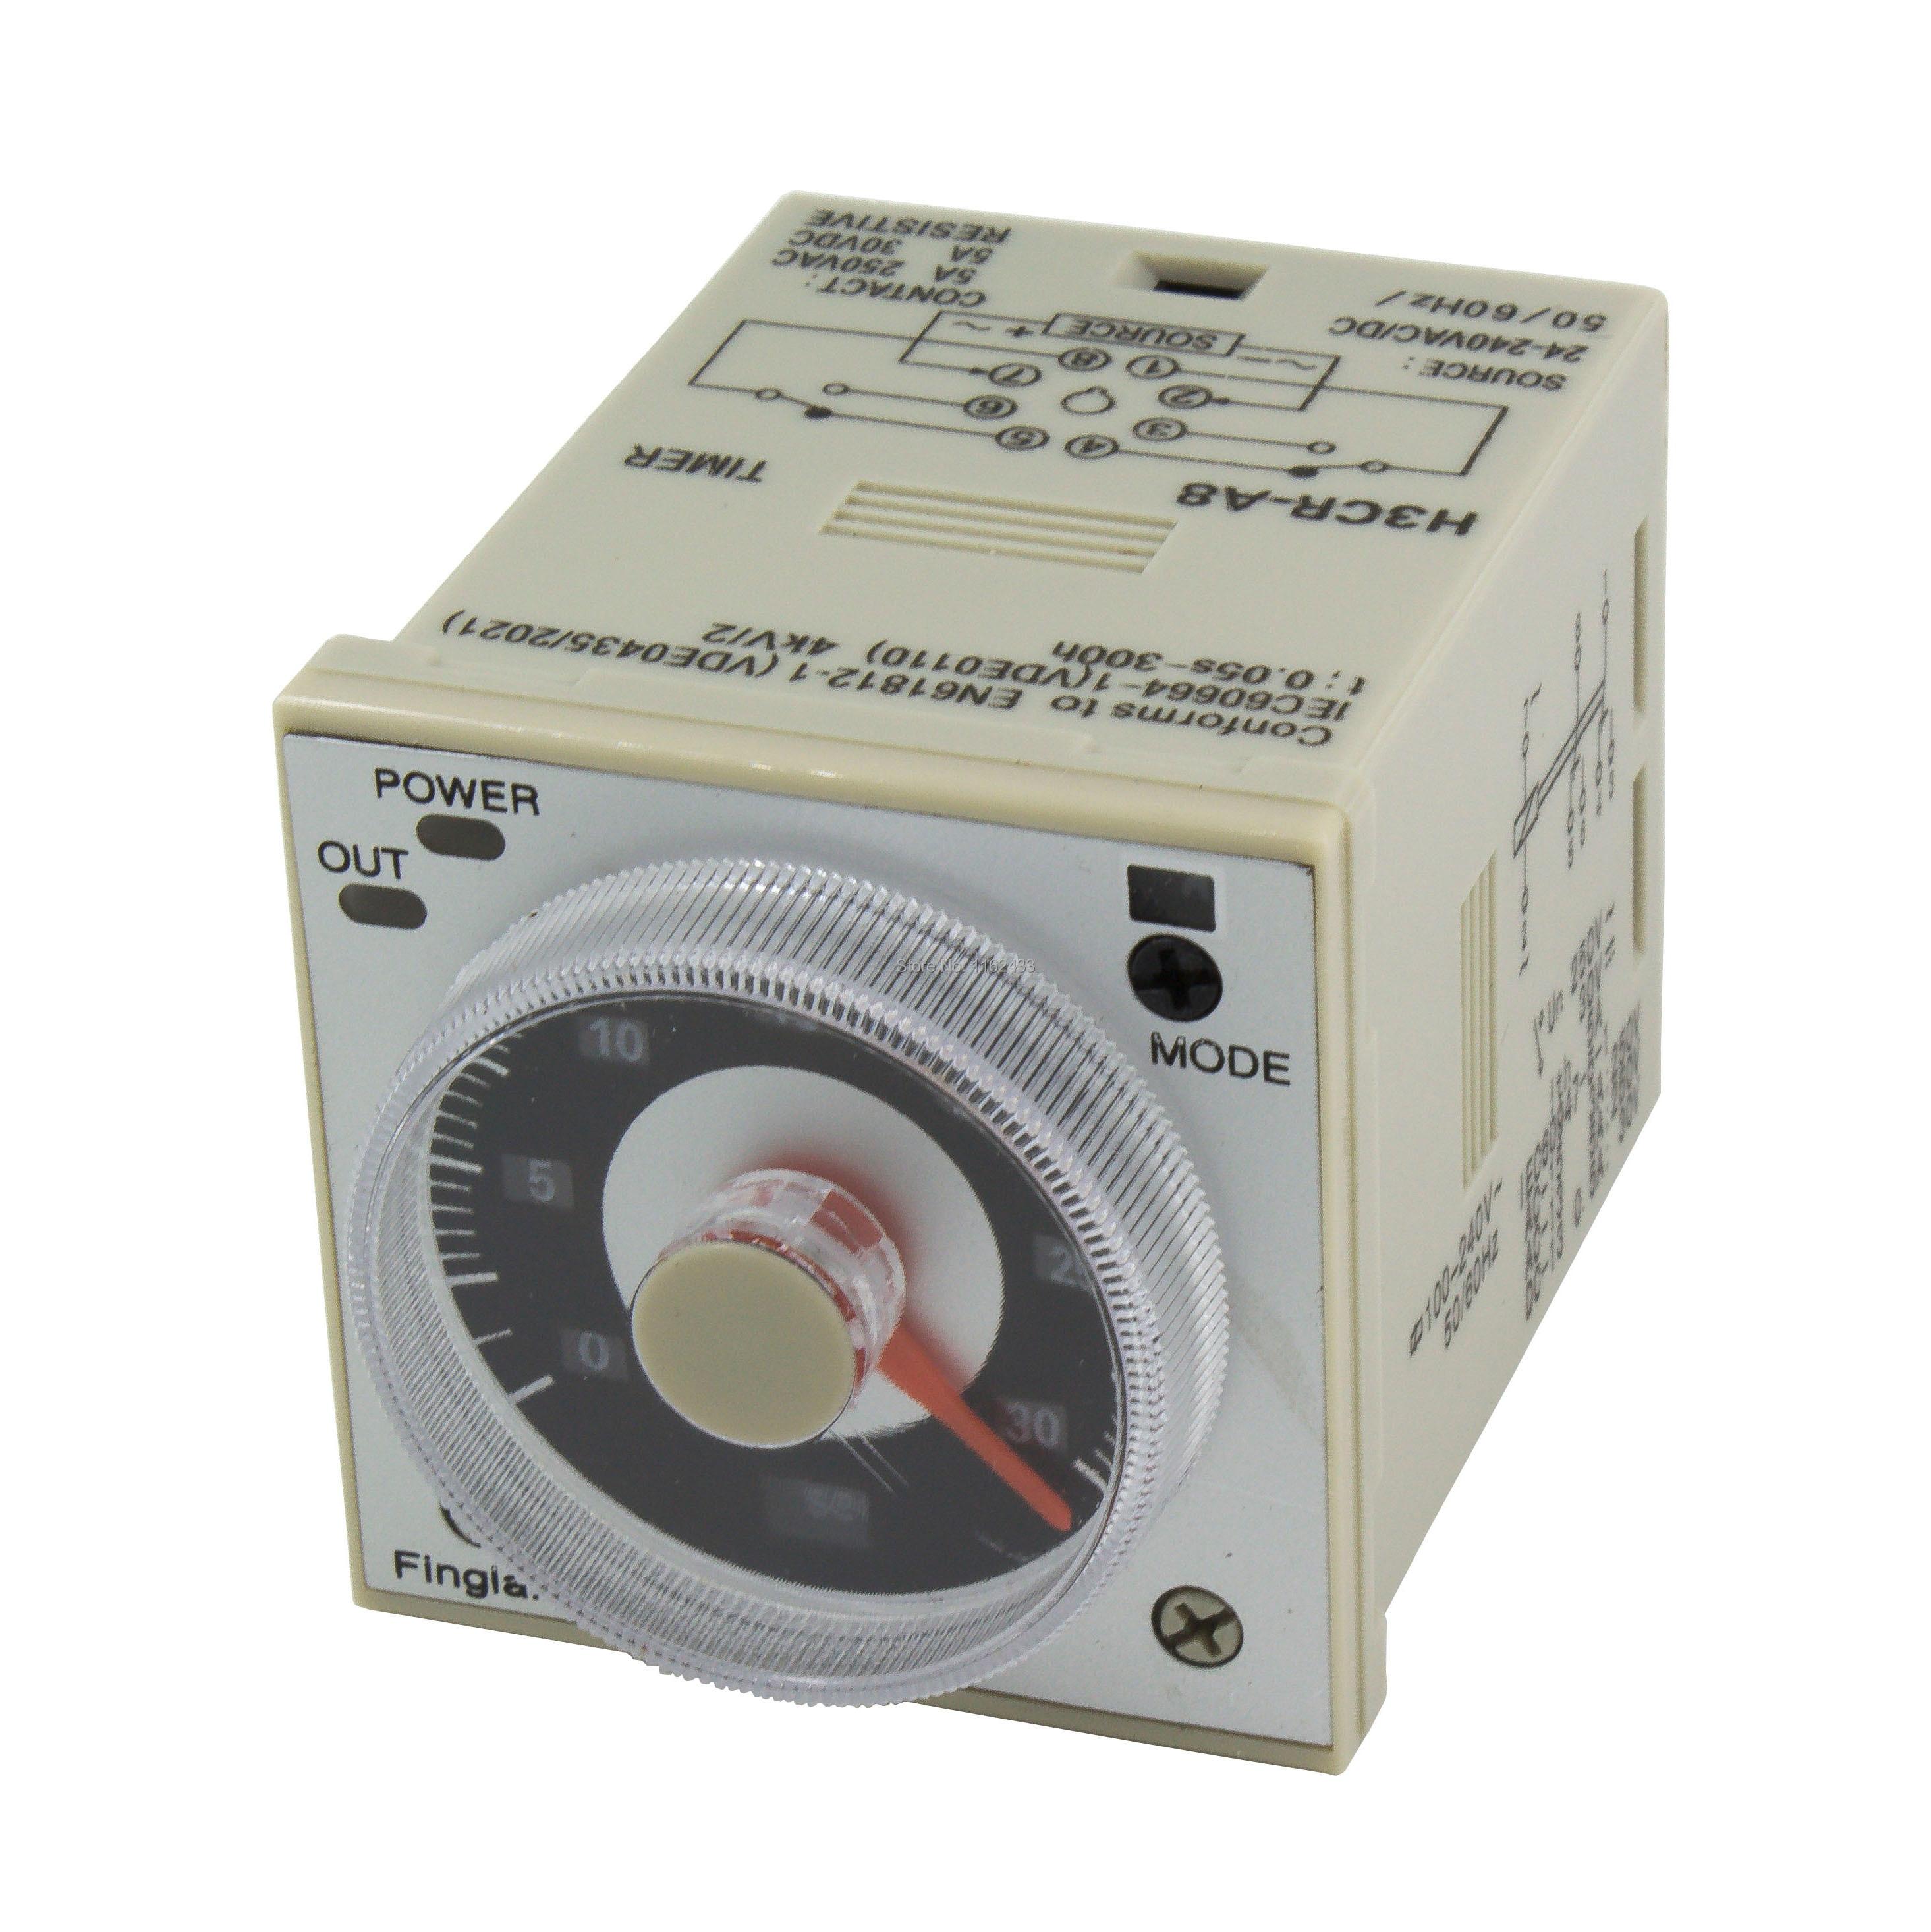 H3CR-A8 8 pin time relay H3CR series delay timer AC/DC 24-240V AC 100-240VH3CR-A8 8 pin time relay H3CR series delay timer AC/DC 24-240V AC 100-240V